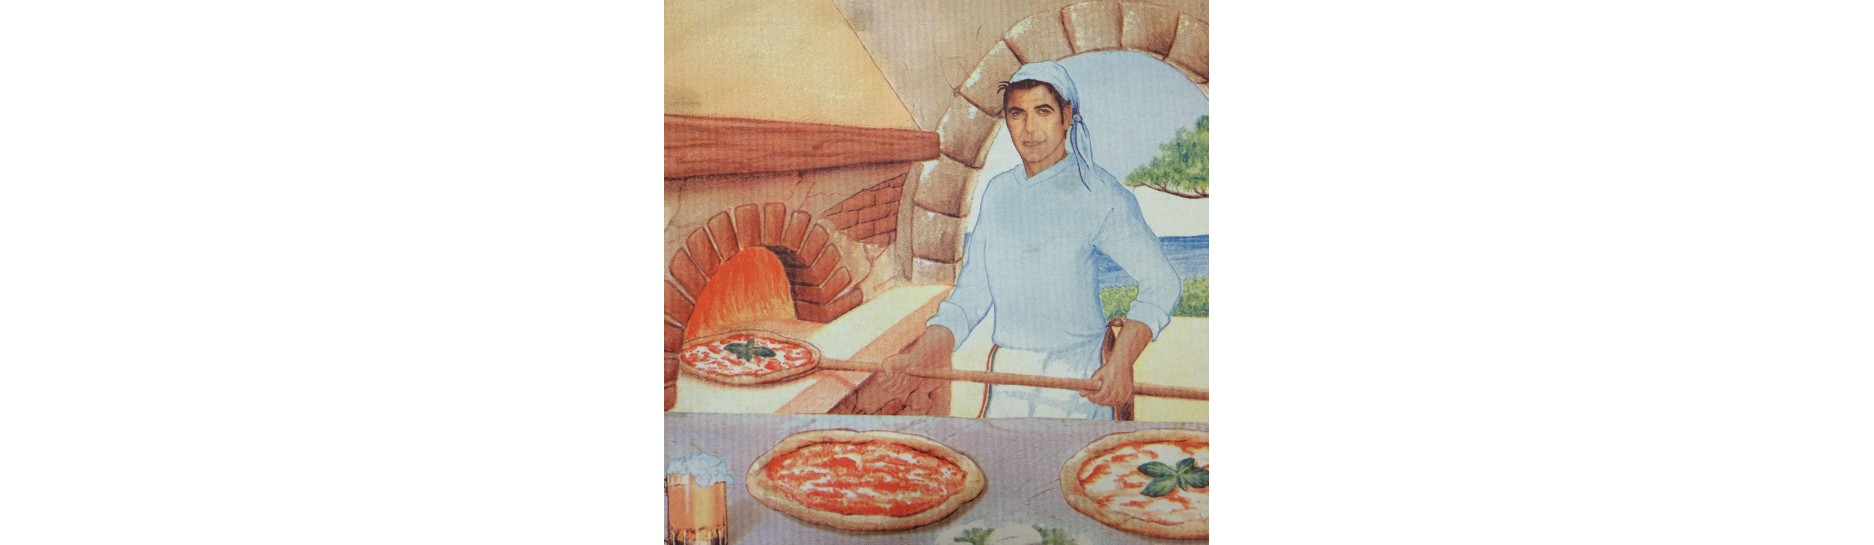 Kvalitní pizza krabice za výhodnou cenu. K pizza krabicím nabízíme pizza stojánky a alobal.